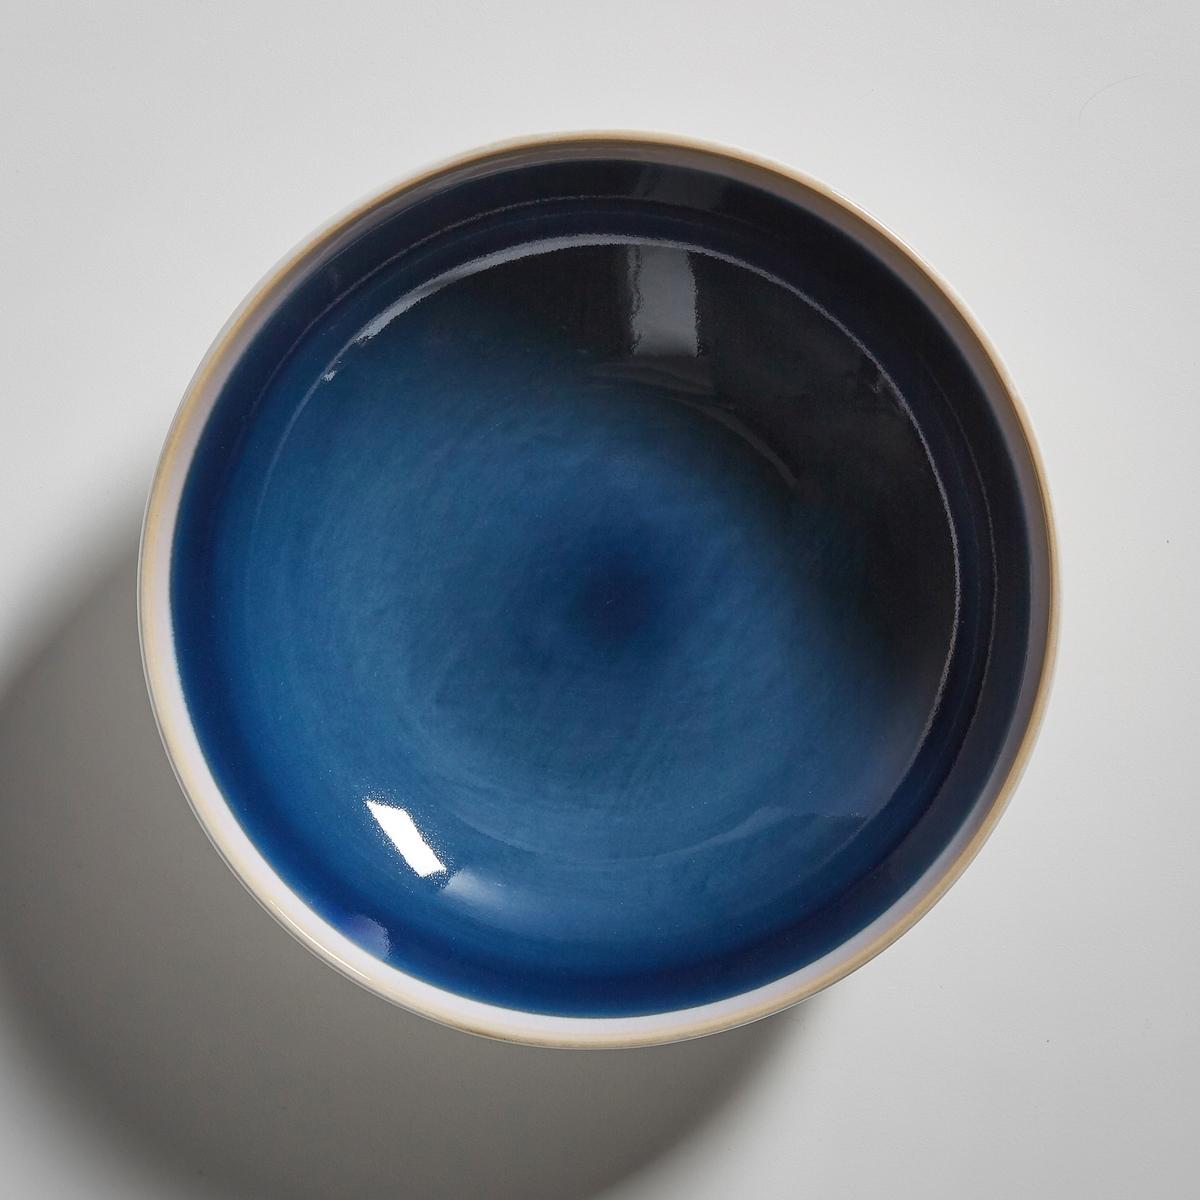 Комплект из 4 глубоких тарелок из керамики, DEONIEОписание:4 тарелки глубокие D?onie La redoute Int?rieurs . Тарелки из керамики в очень насыщенных и ярких тонах   . Контрастные края и однотонная центральная часть с белым матовым контуром. Характеристики 4 глубоких тарелок D?onie : •  Глубокие тарелки из керамики •  Диаметр : 17,8 см •  Можно использовать в посудомоечных машинах и микроволновых печах •  Продаются в комплекте из 4 тарелокНайдите комплект посуды D?onie на нашем сайте laredoute.ru<br><br>Цвет: синий